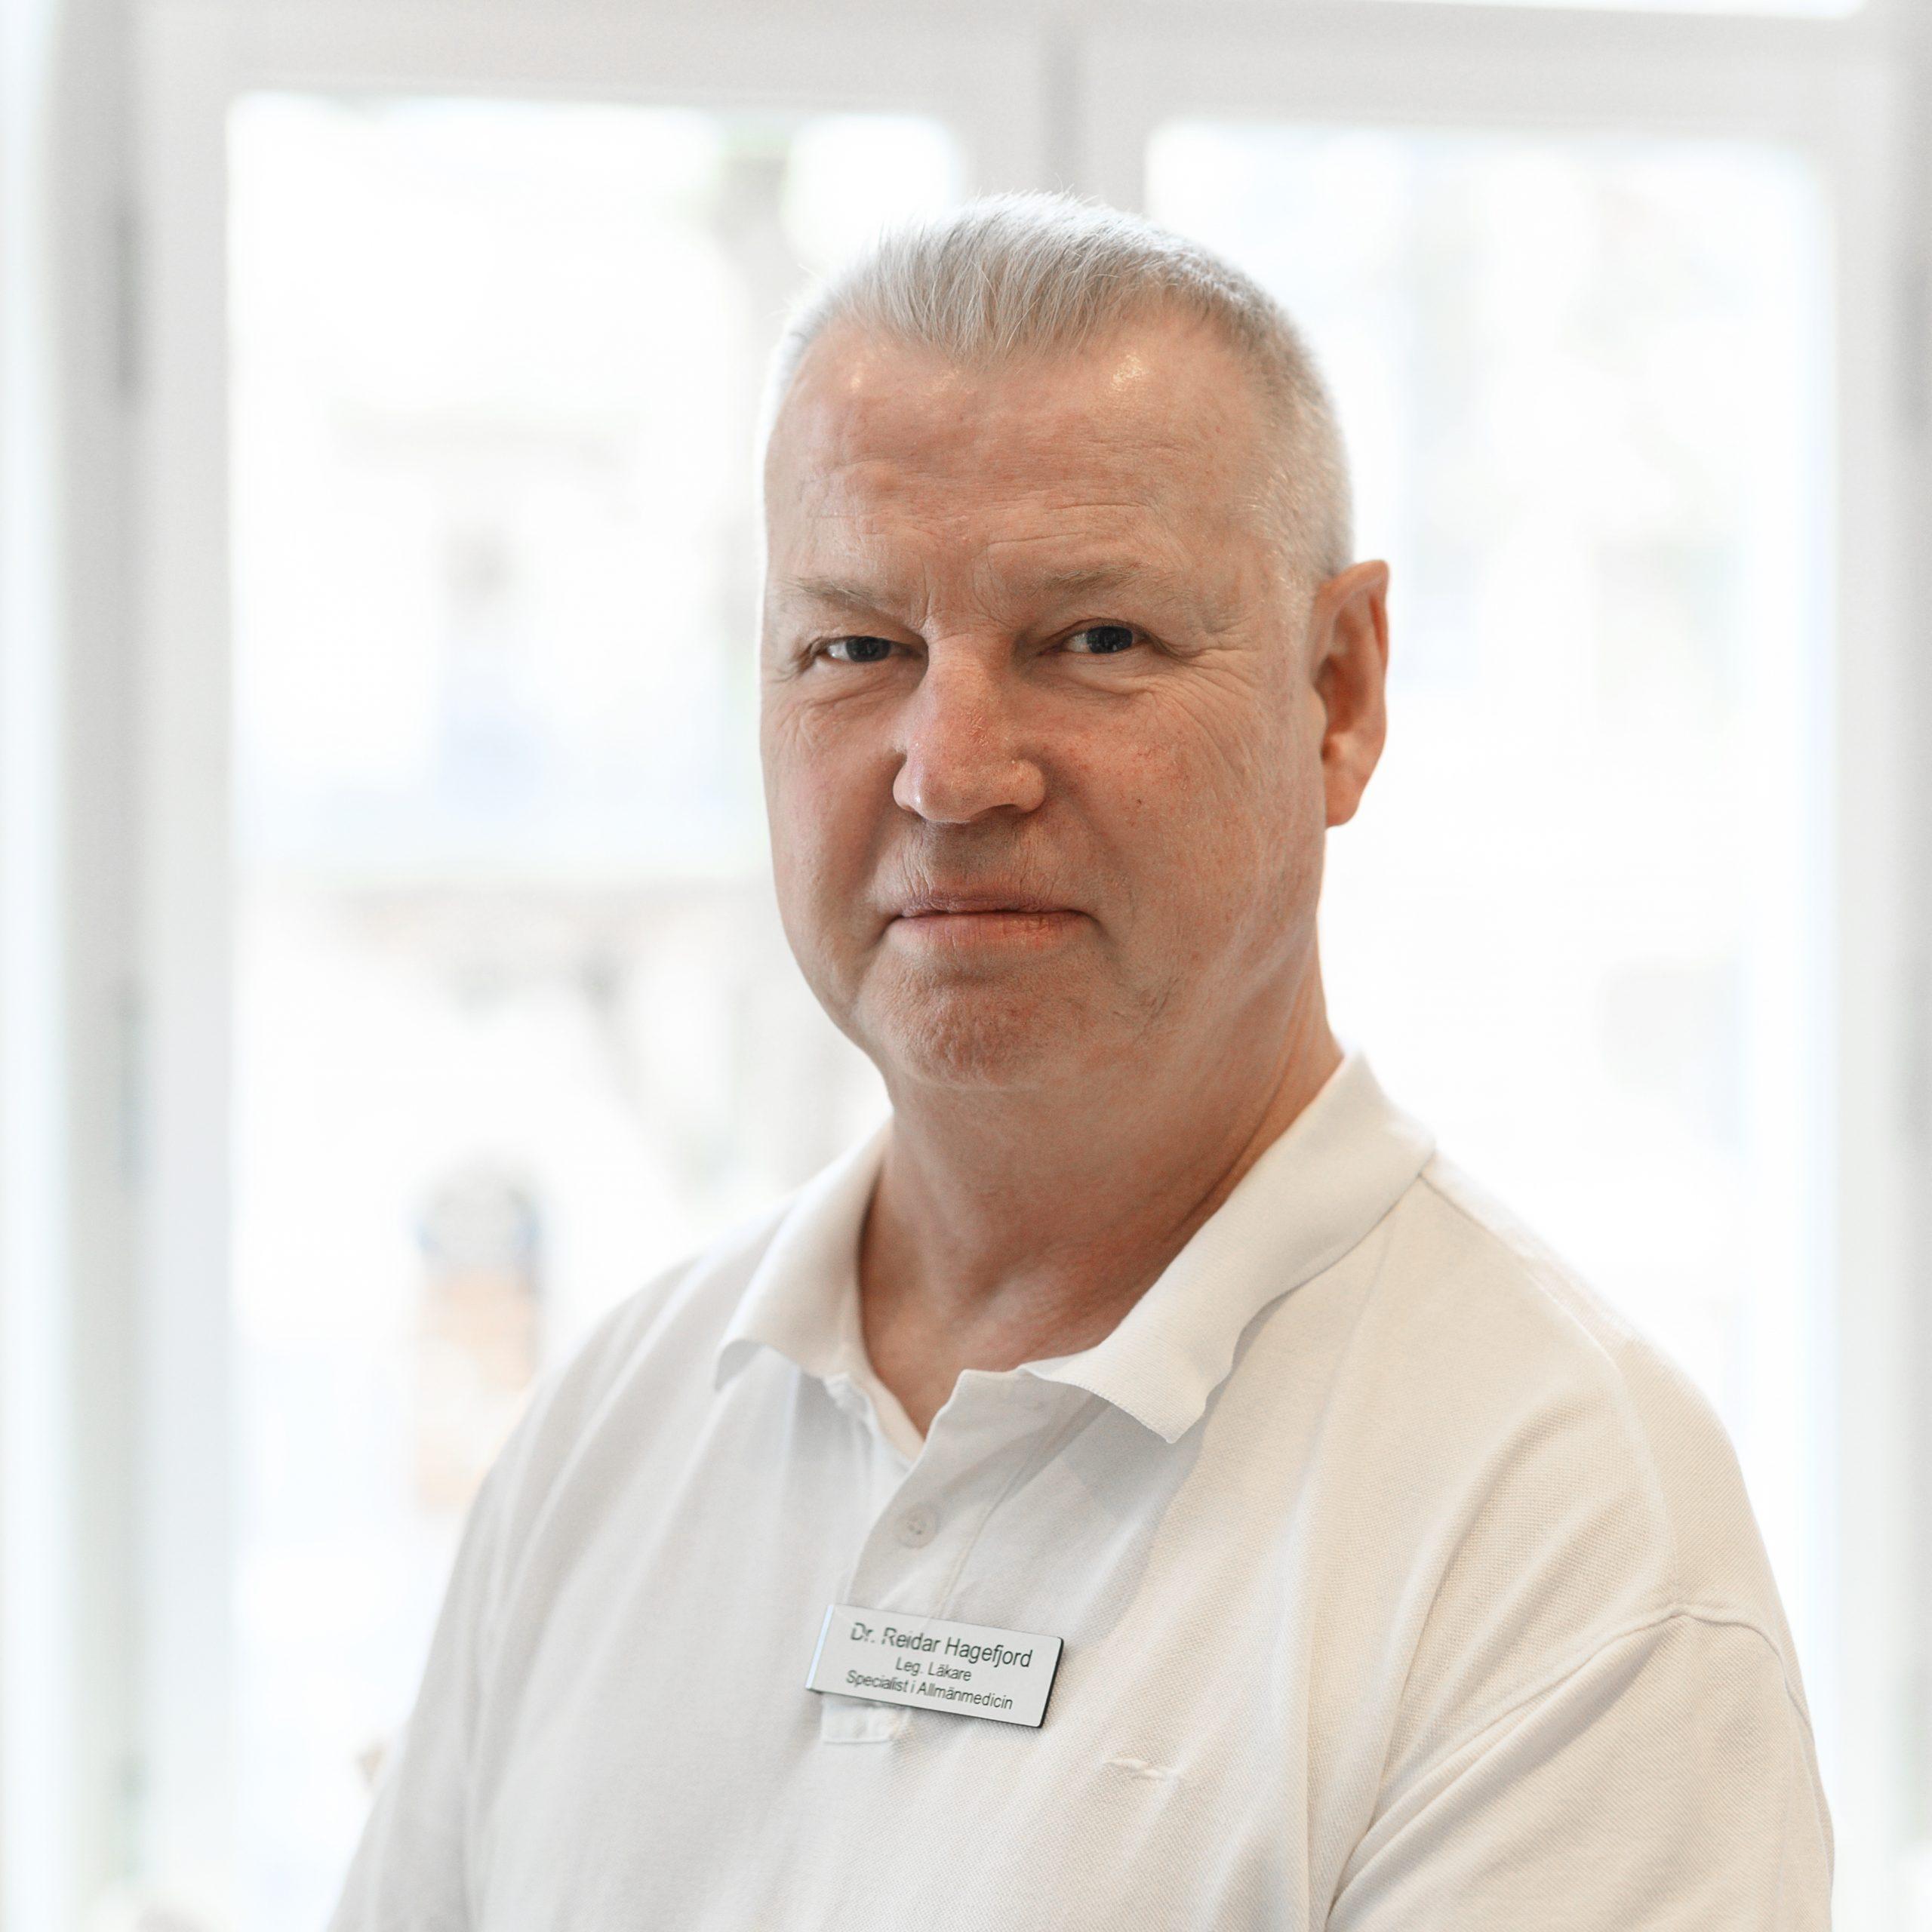 Dr. Reidar Hagefjord | Läkare Allmänspecialist Vasakliniken